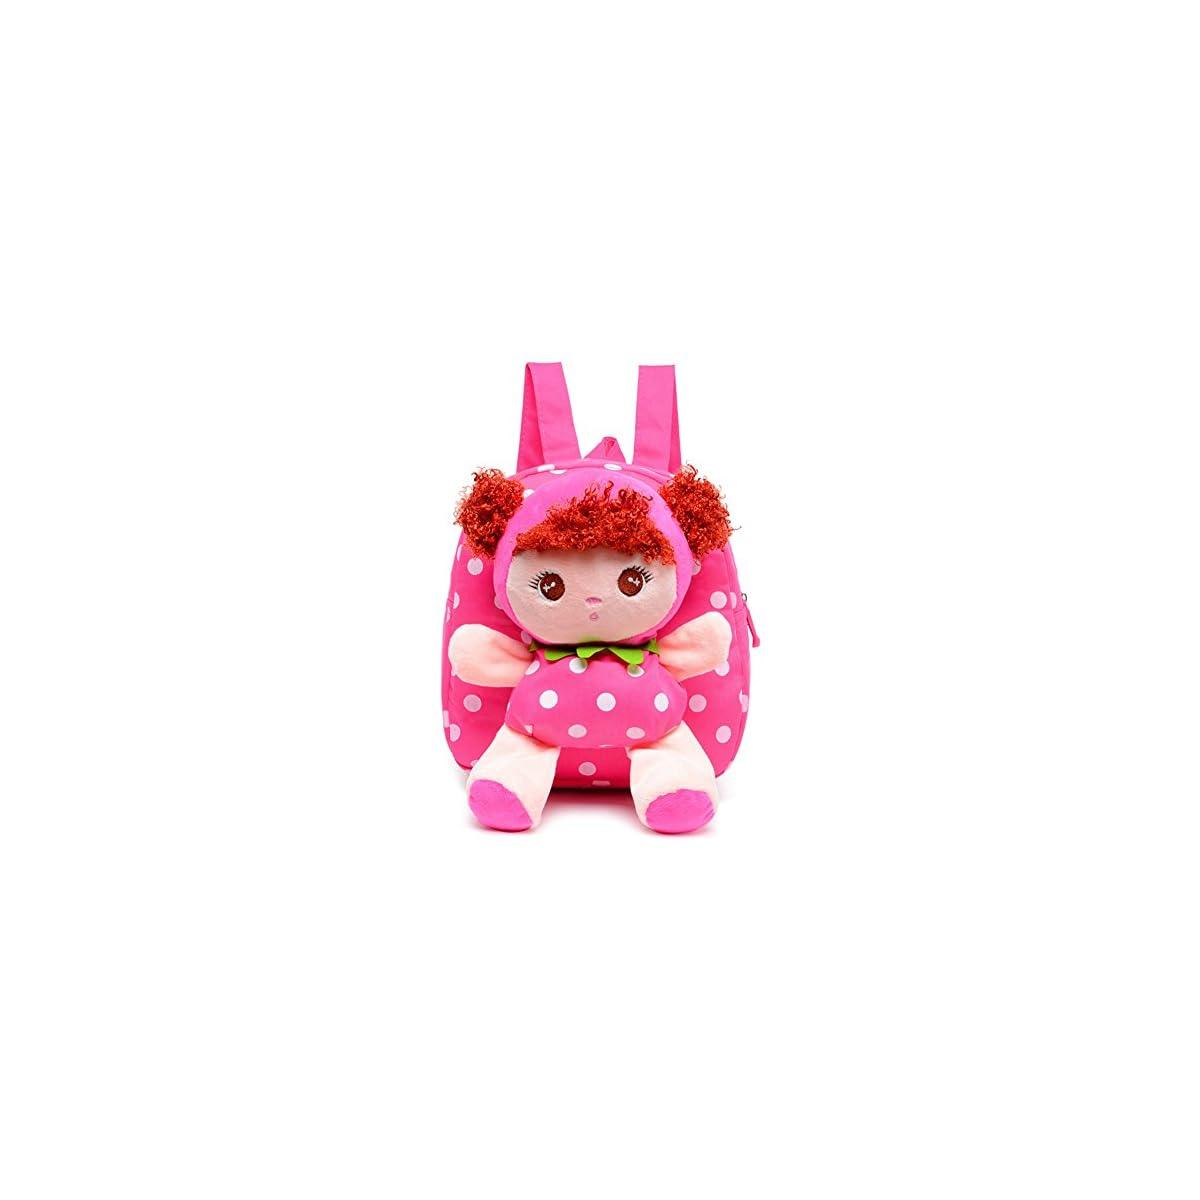 51kIiSjSMmL. SS1200  - Moolecole Cartoon Cute Doll Mochila Toddler Girls Mochila de felpa mochila Sidekick mochila